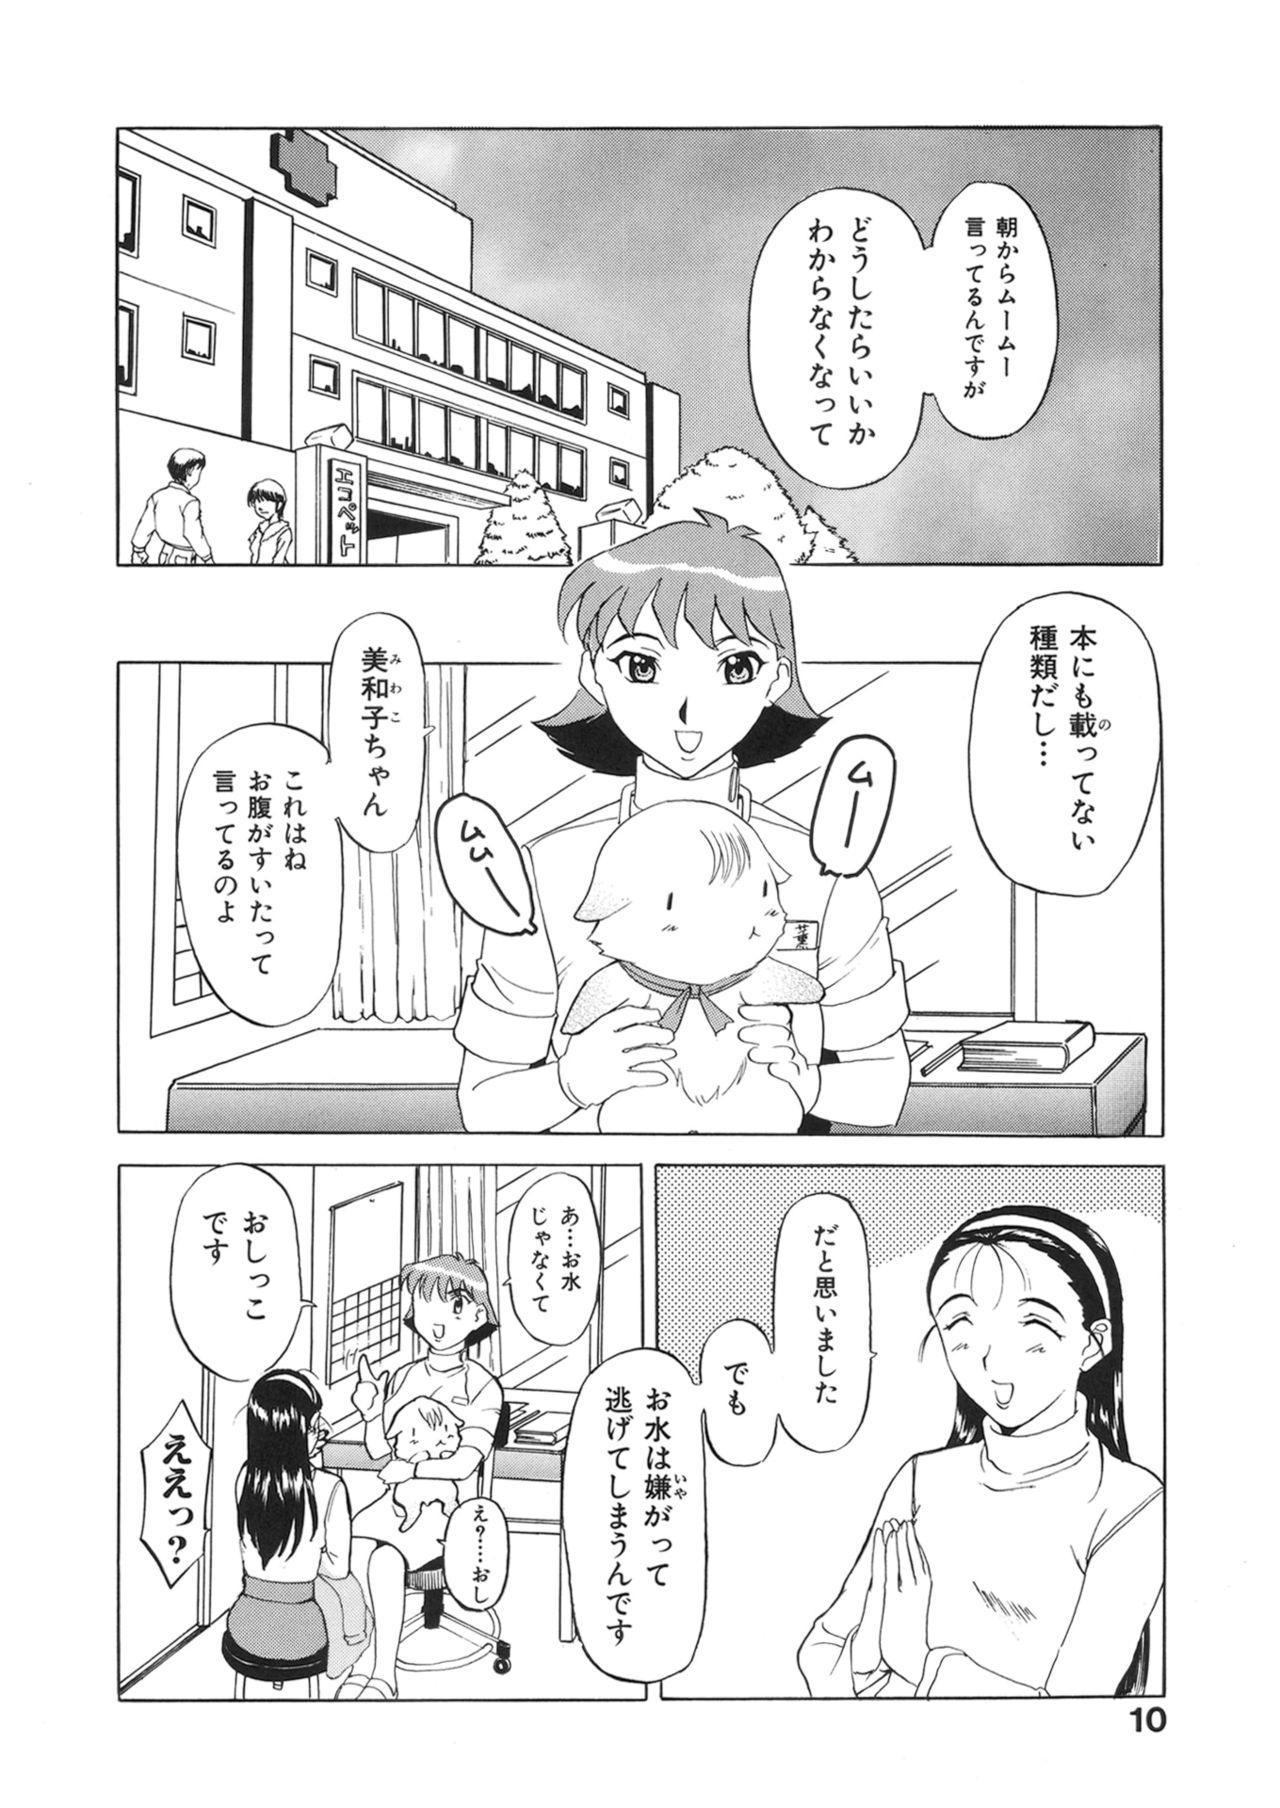 COMIC Kairakuten 25 Shuunen kinen tokubetsugou 73